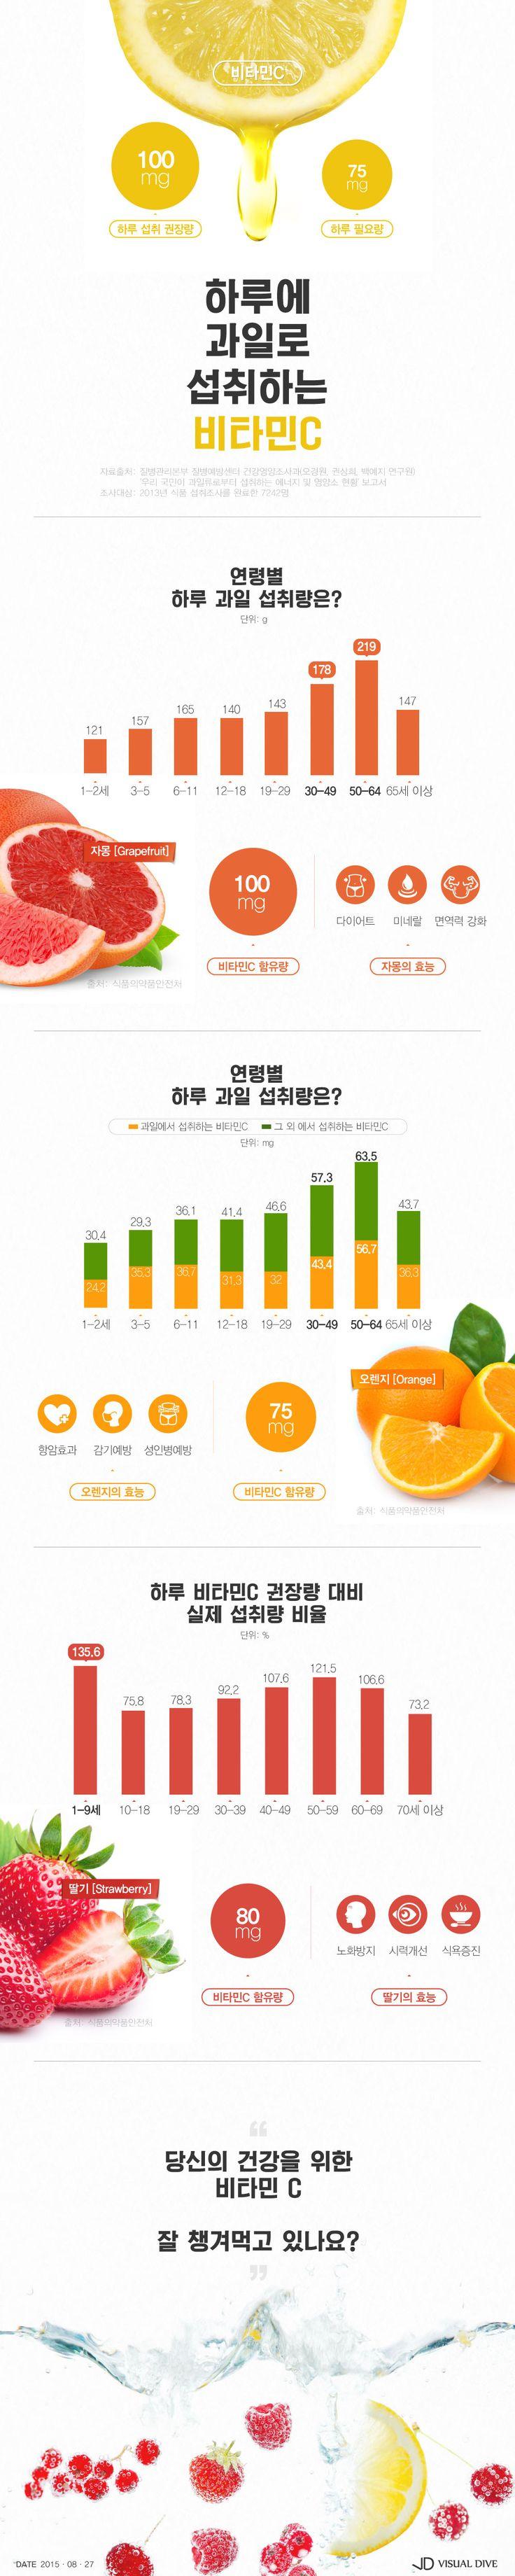 """""""음식만 잘 먹어도 충분!""""…우리 국민 비타민C 98.7% 섭취 [인포그래픽] #Vitamin / #Infographic ⓒ 비주얼다이브 무단 복사·전재·재배포 금지"""